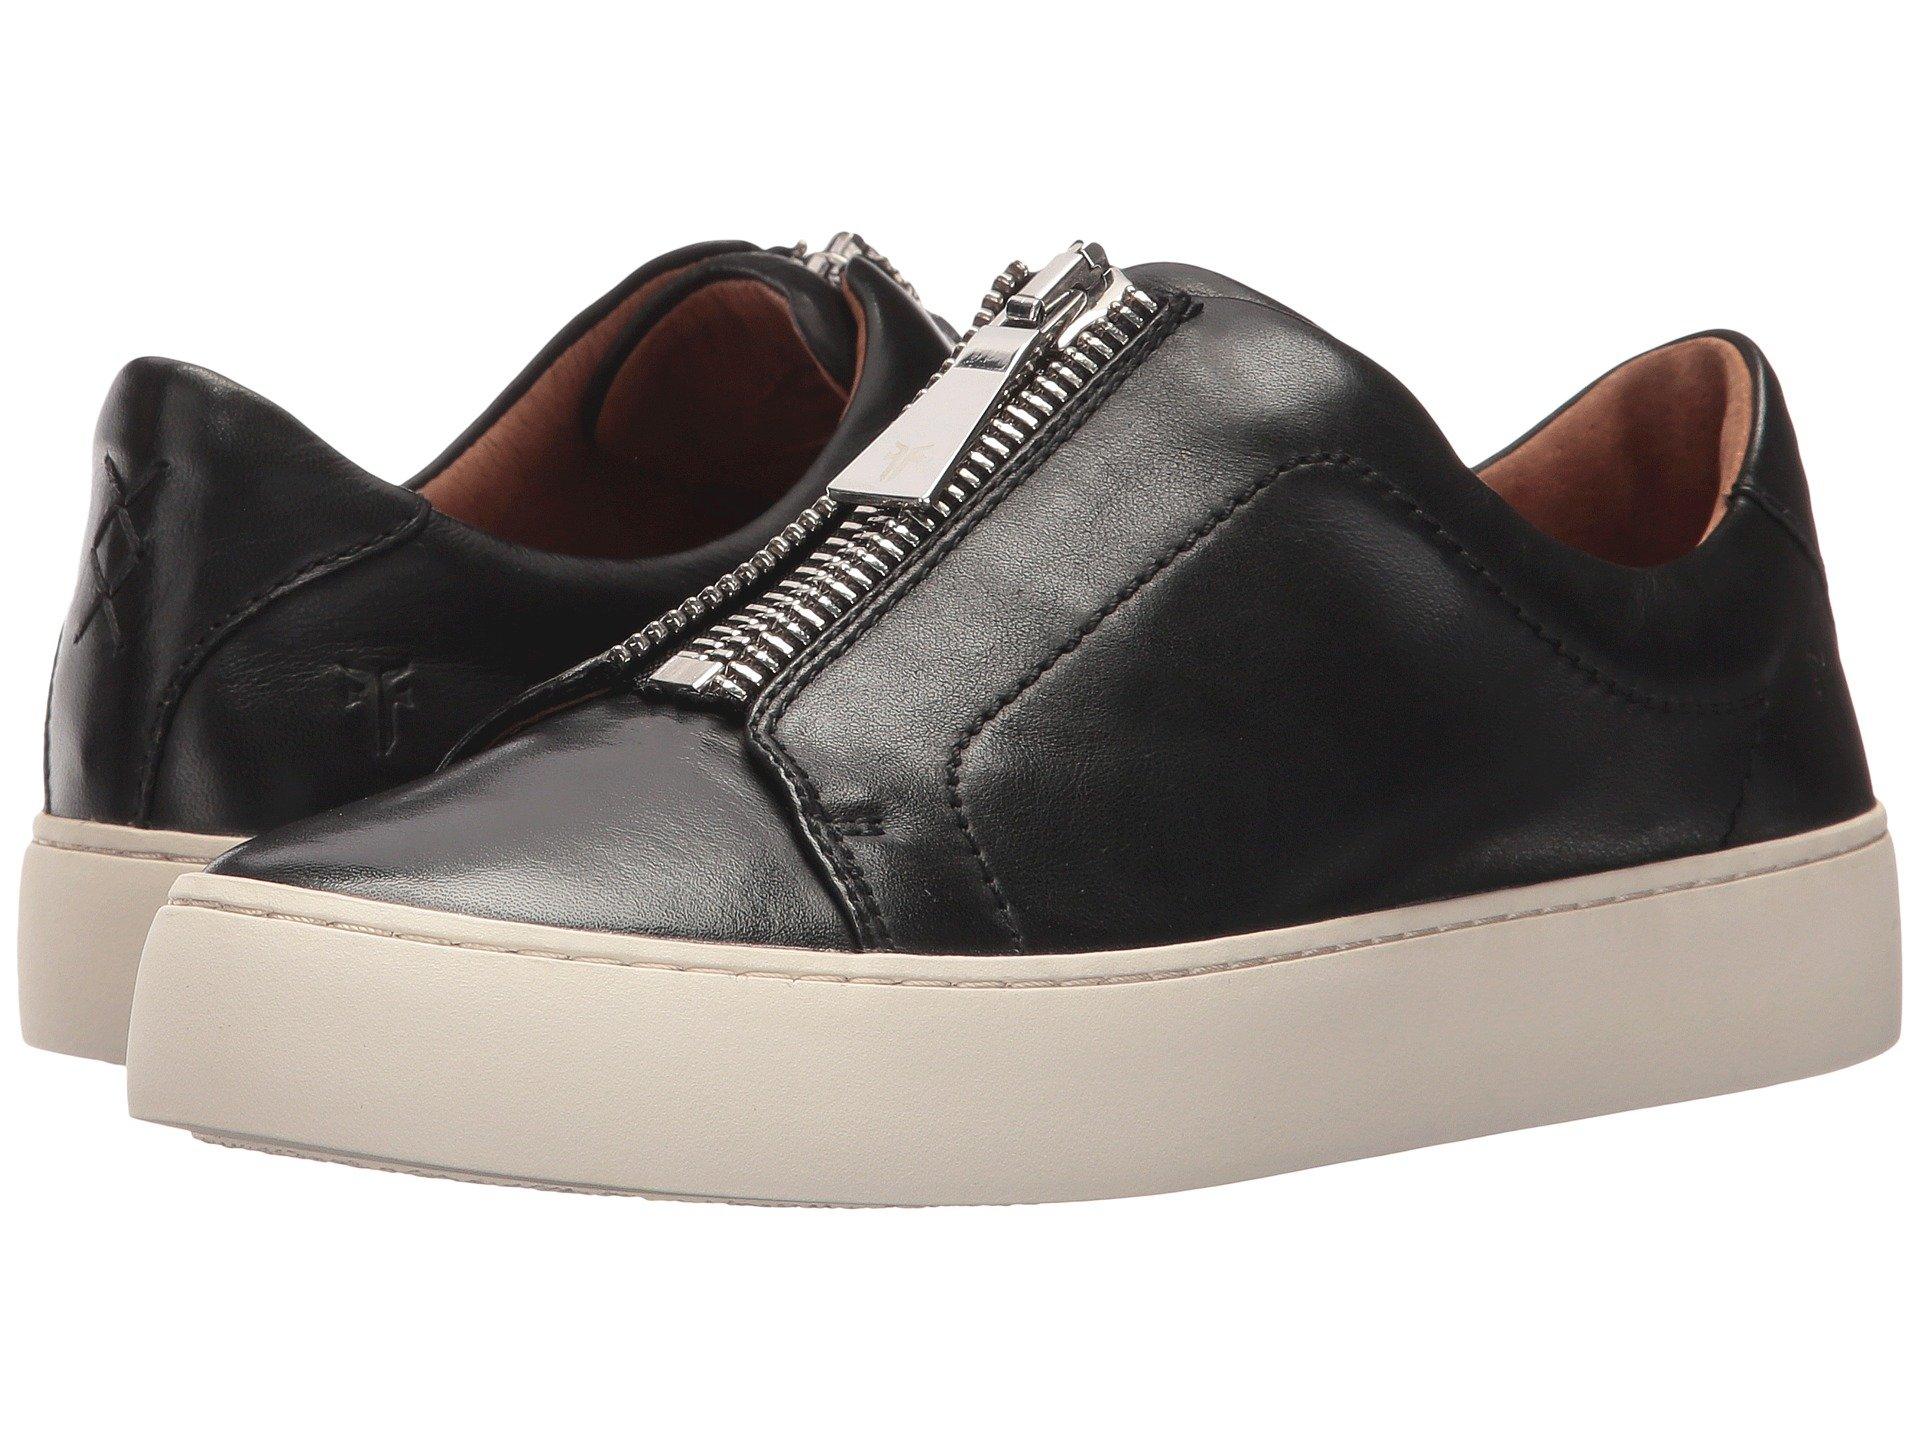 351d2b8f8169 Women s Frye Shoes + FREE SHIPPING